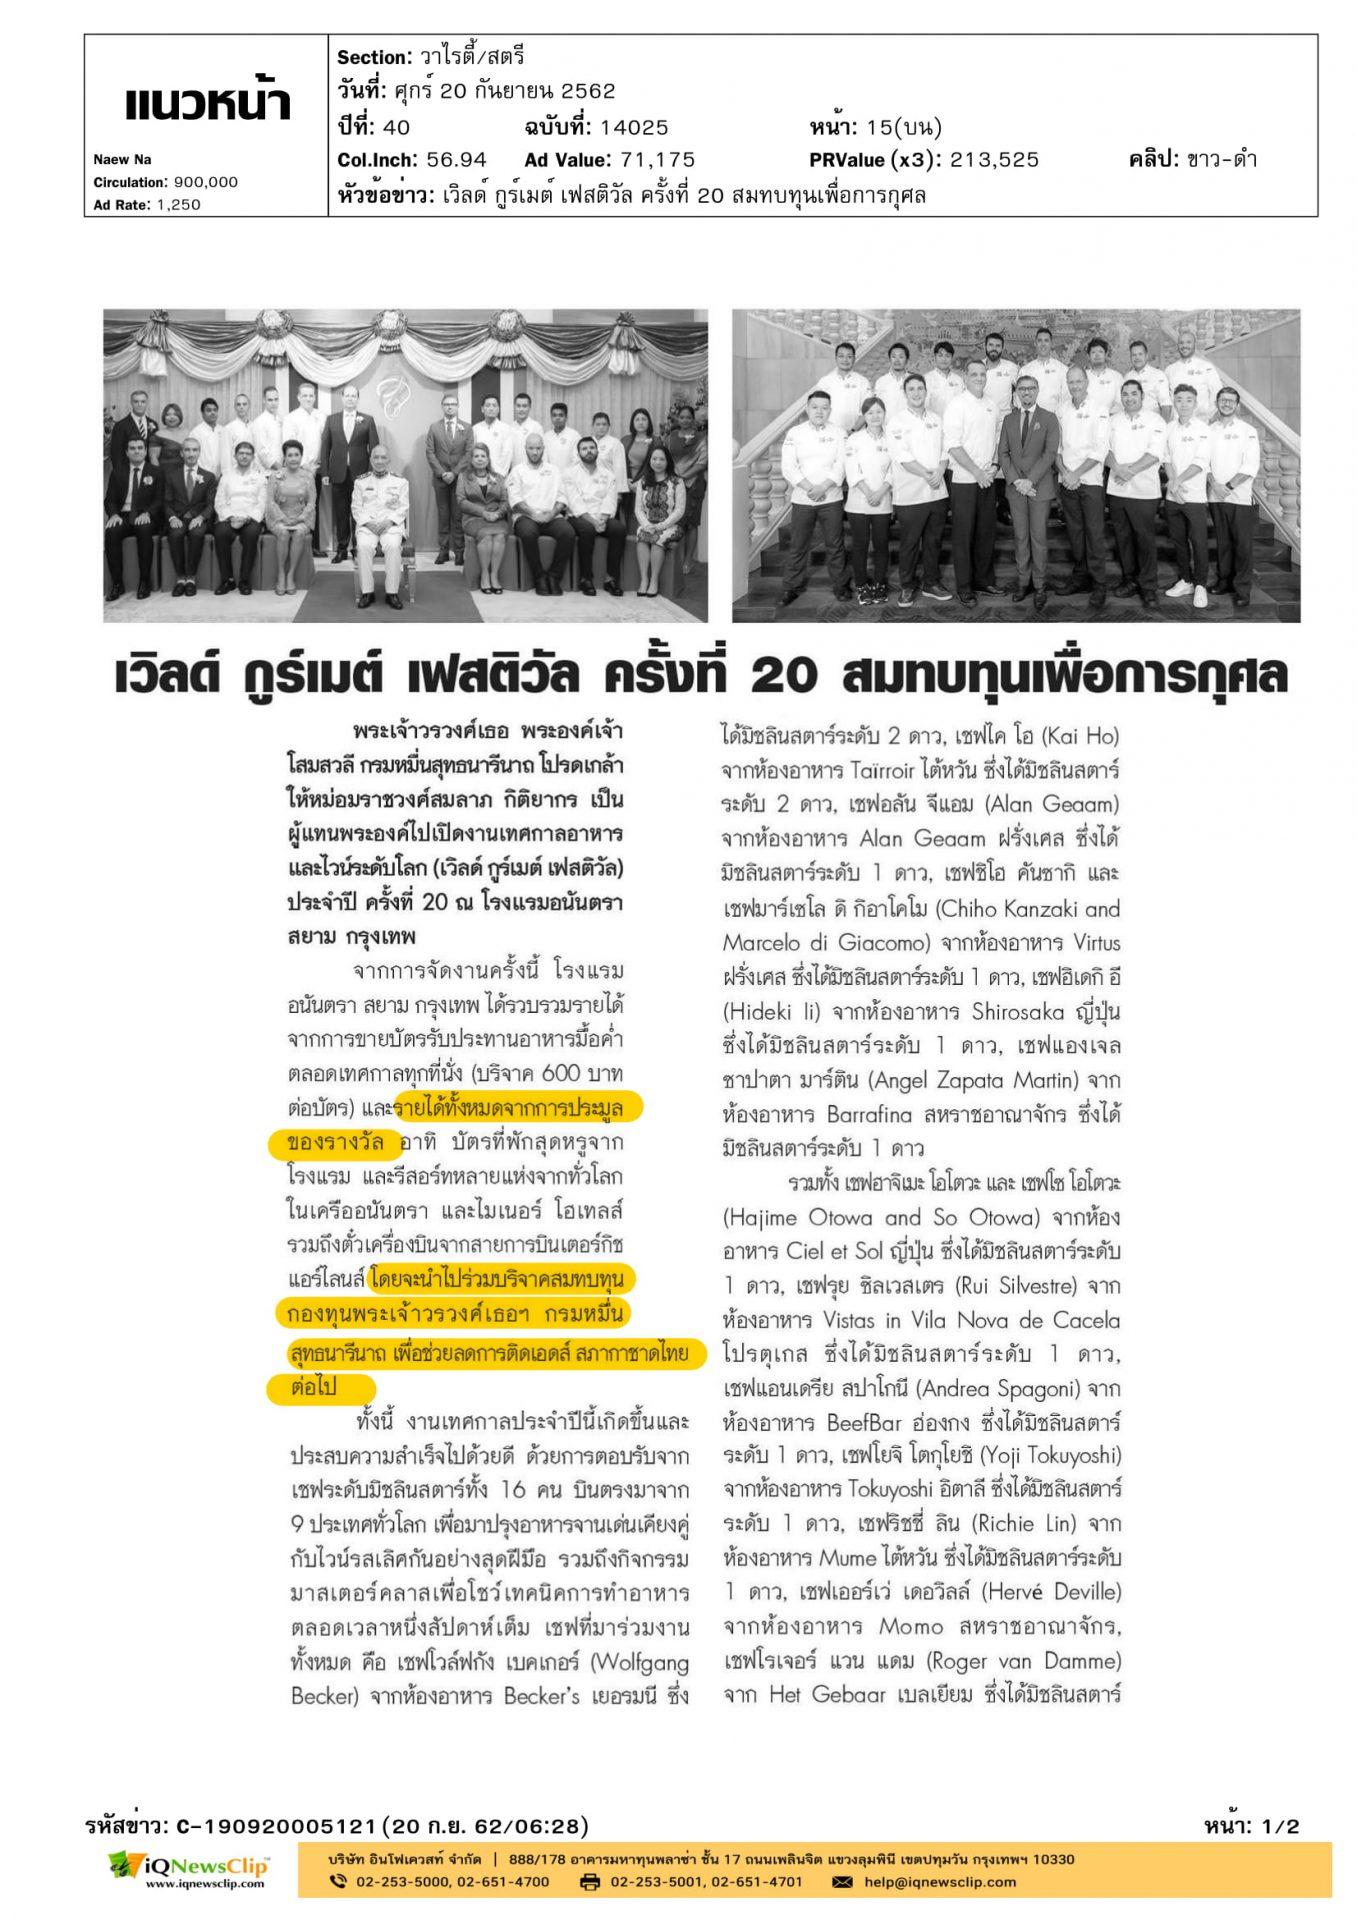 กองทุนพระเจ้าวรวงศ์เธอฯ กรมหมื่นสุทธนารีนาถ เพื่อช่วยเหลือการติดเอดส์ สภากาชาดไทย